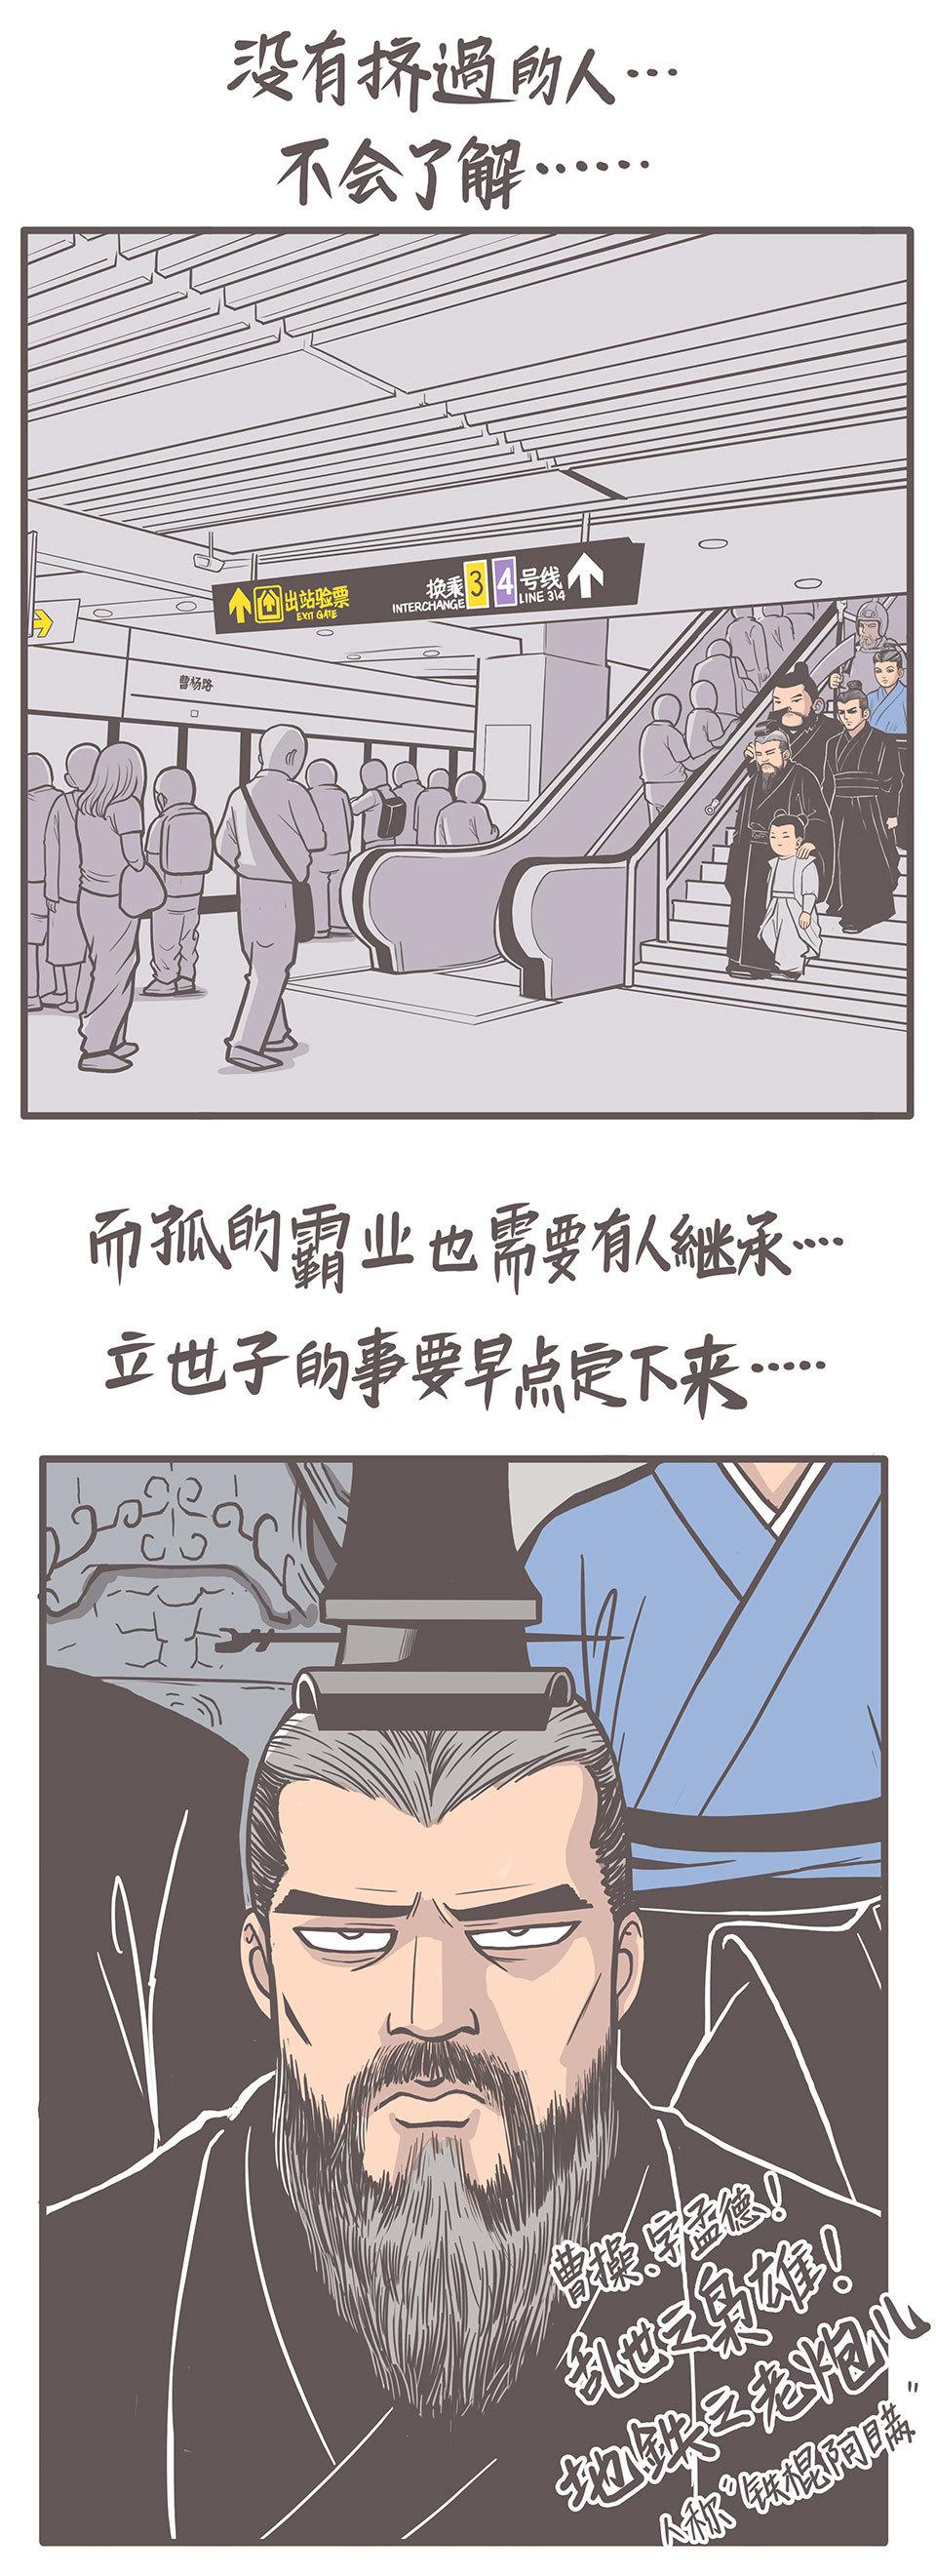 地铁上的夺嫡之争—穹穹兮